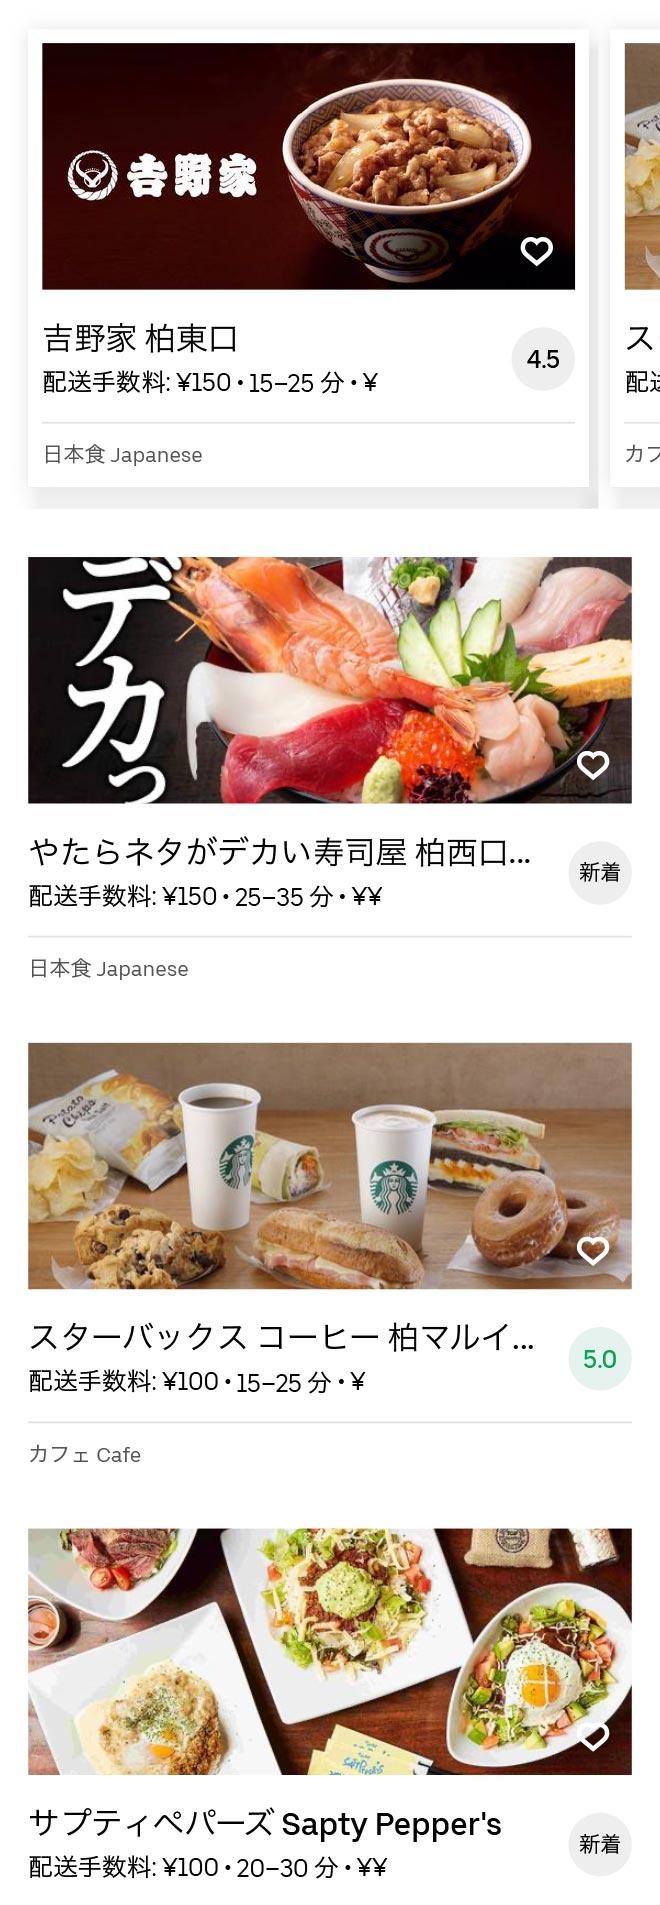 Kashiwa menu 2007 02